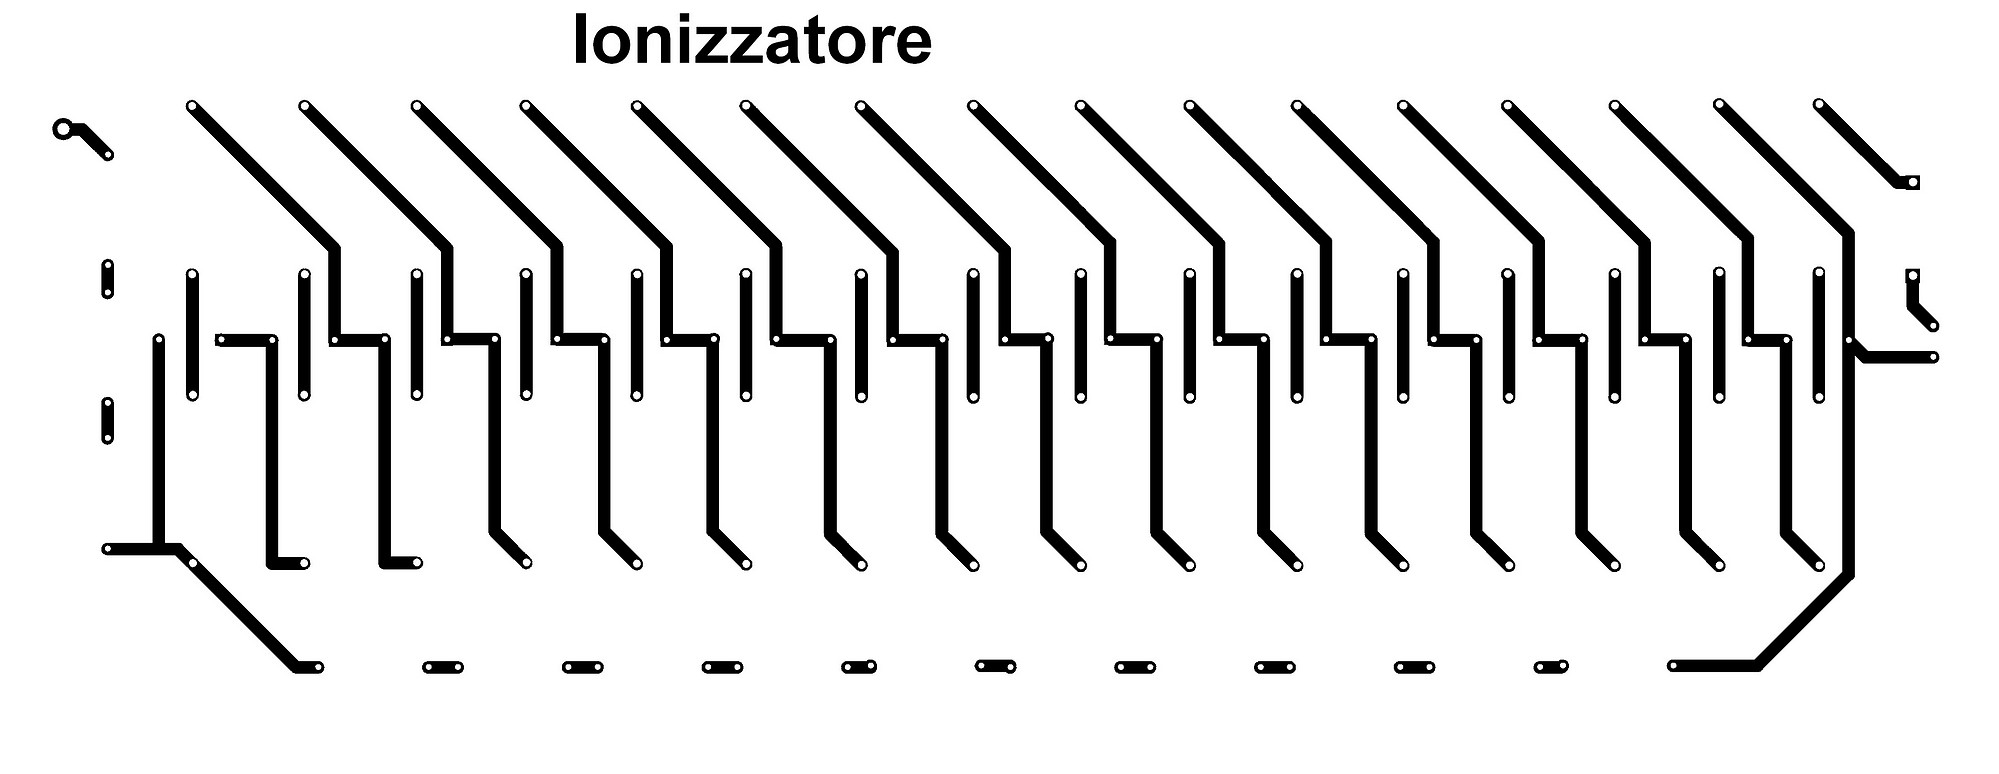 Figura 17: Il PCB dello ionizzatore (32cm. x 12 cm.)